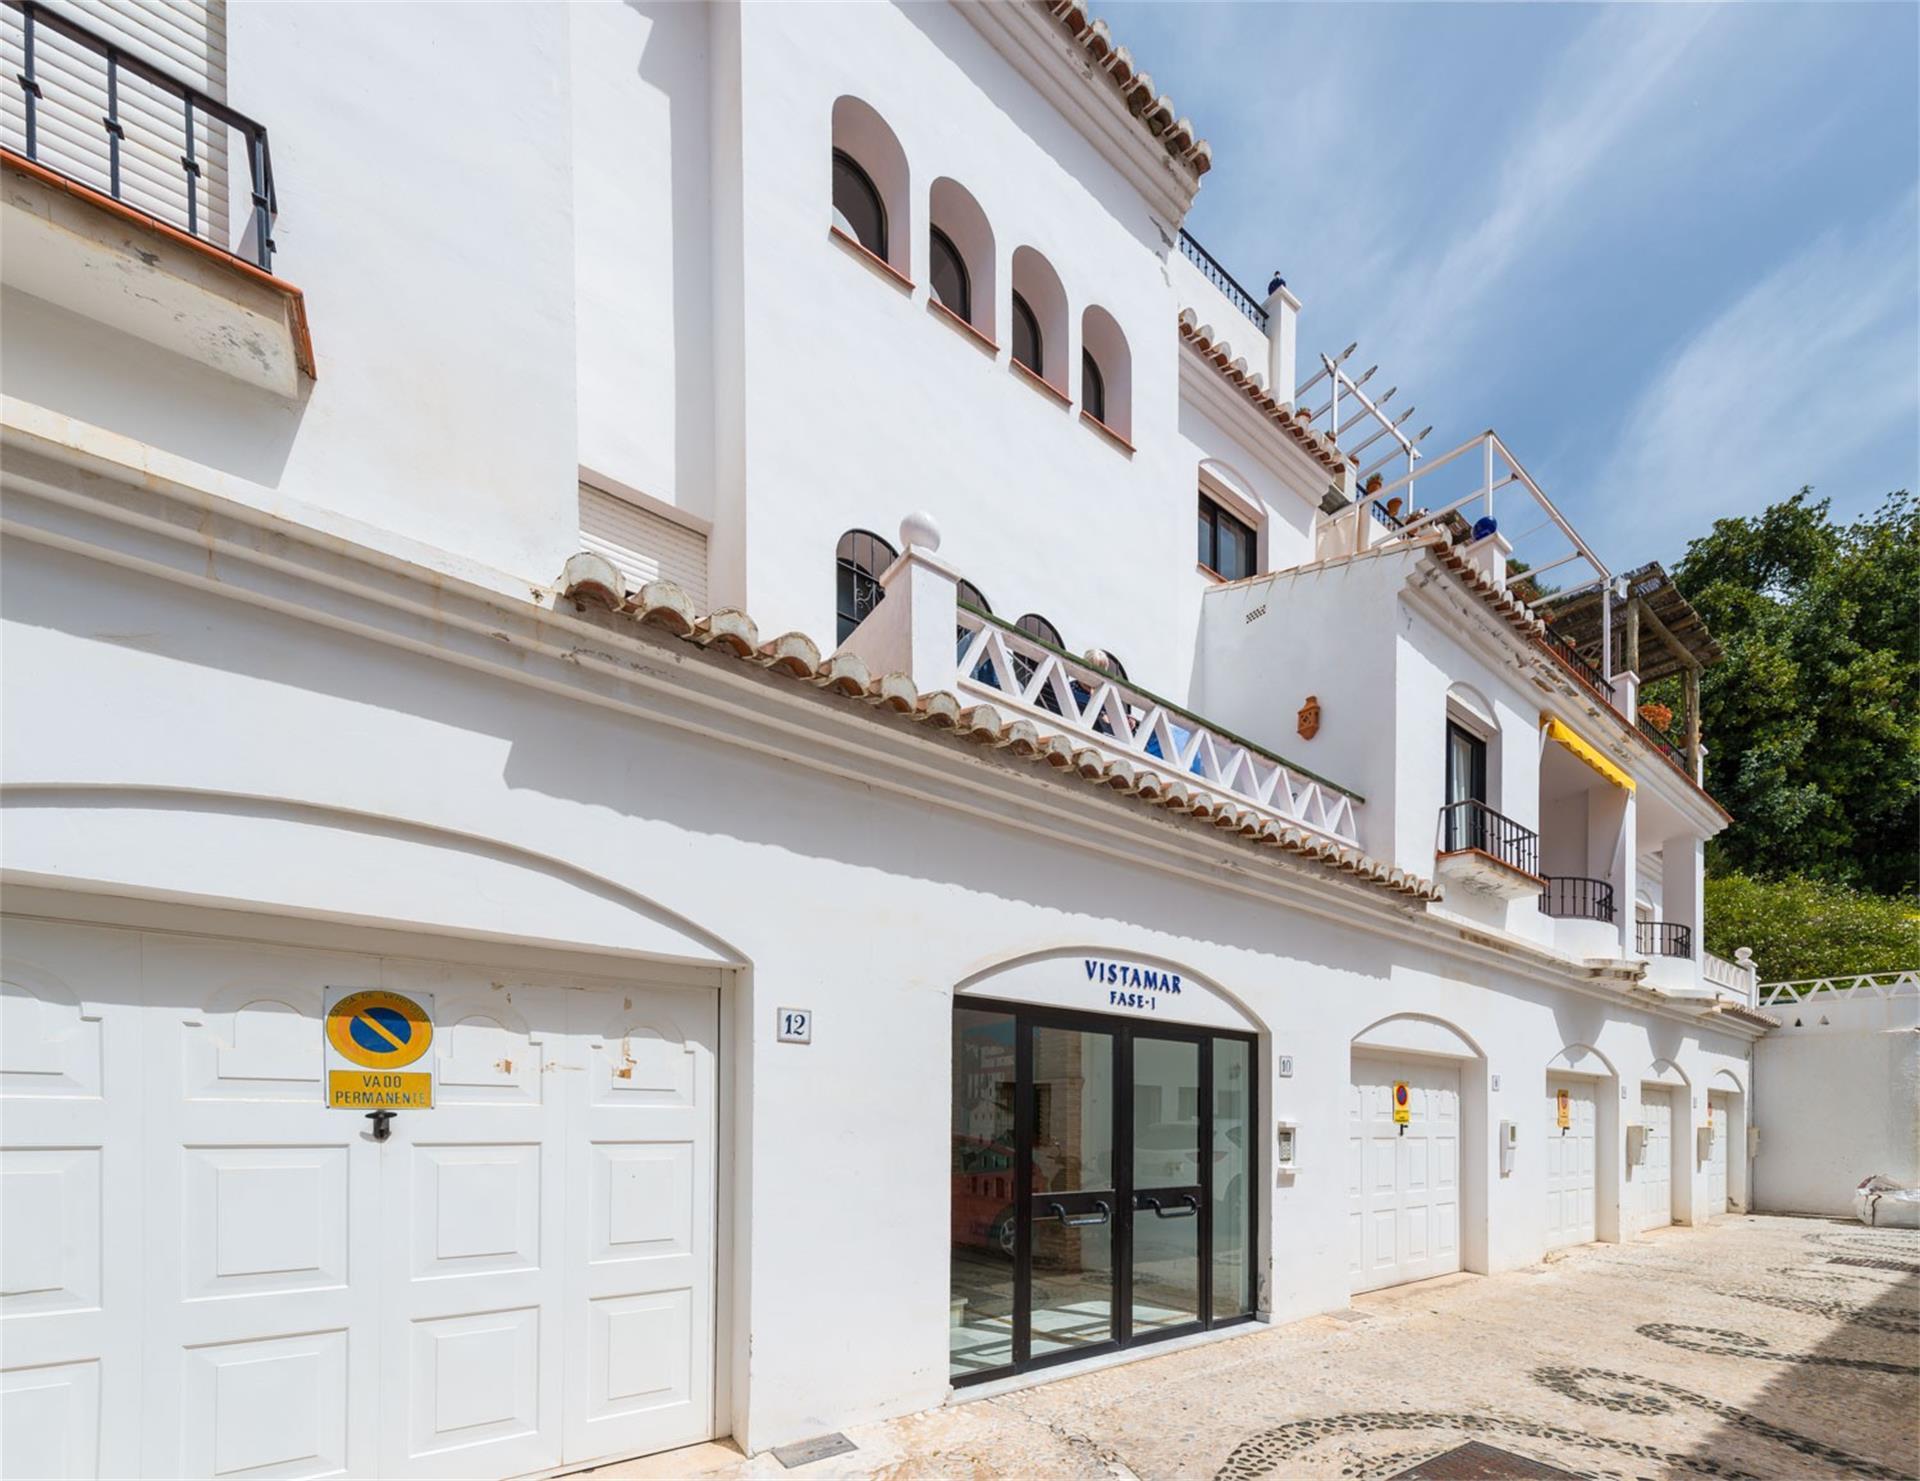 Piso de alquiler en Calle D. Luis de Requesens Frigiliana (Frigiliana, Málaga)